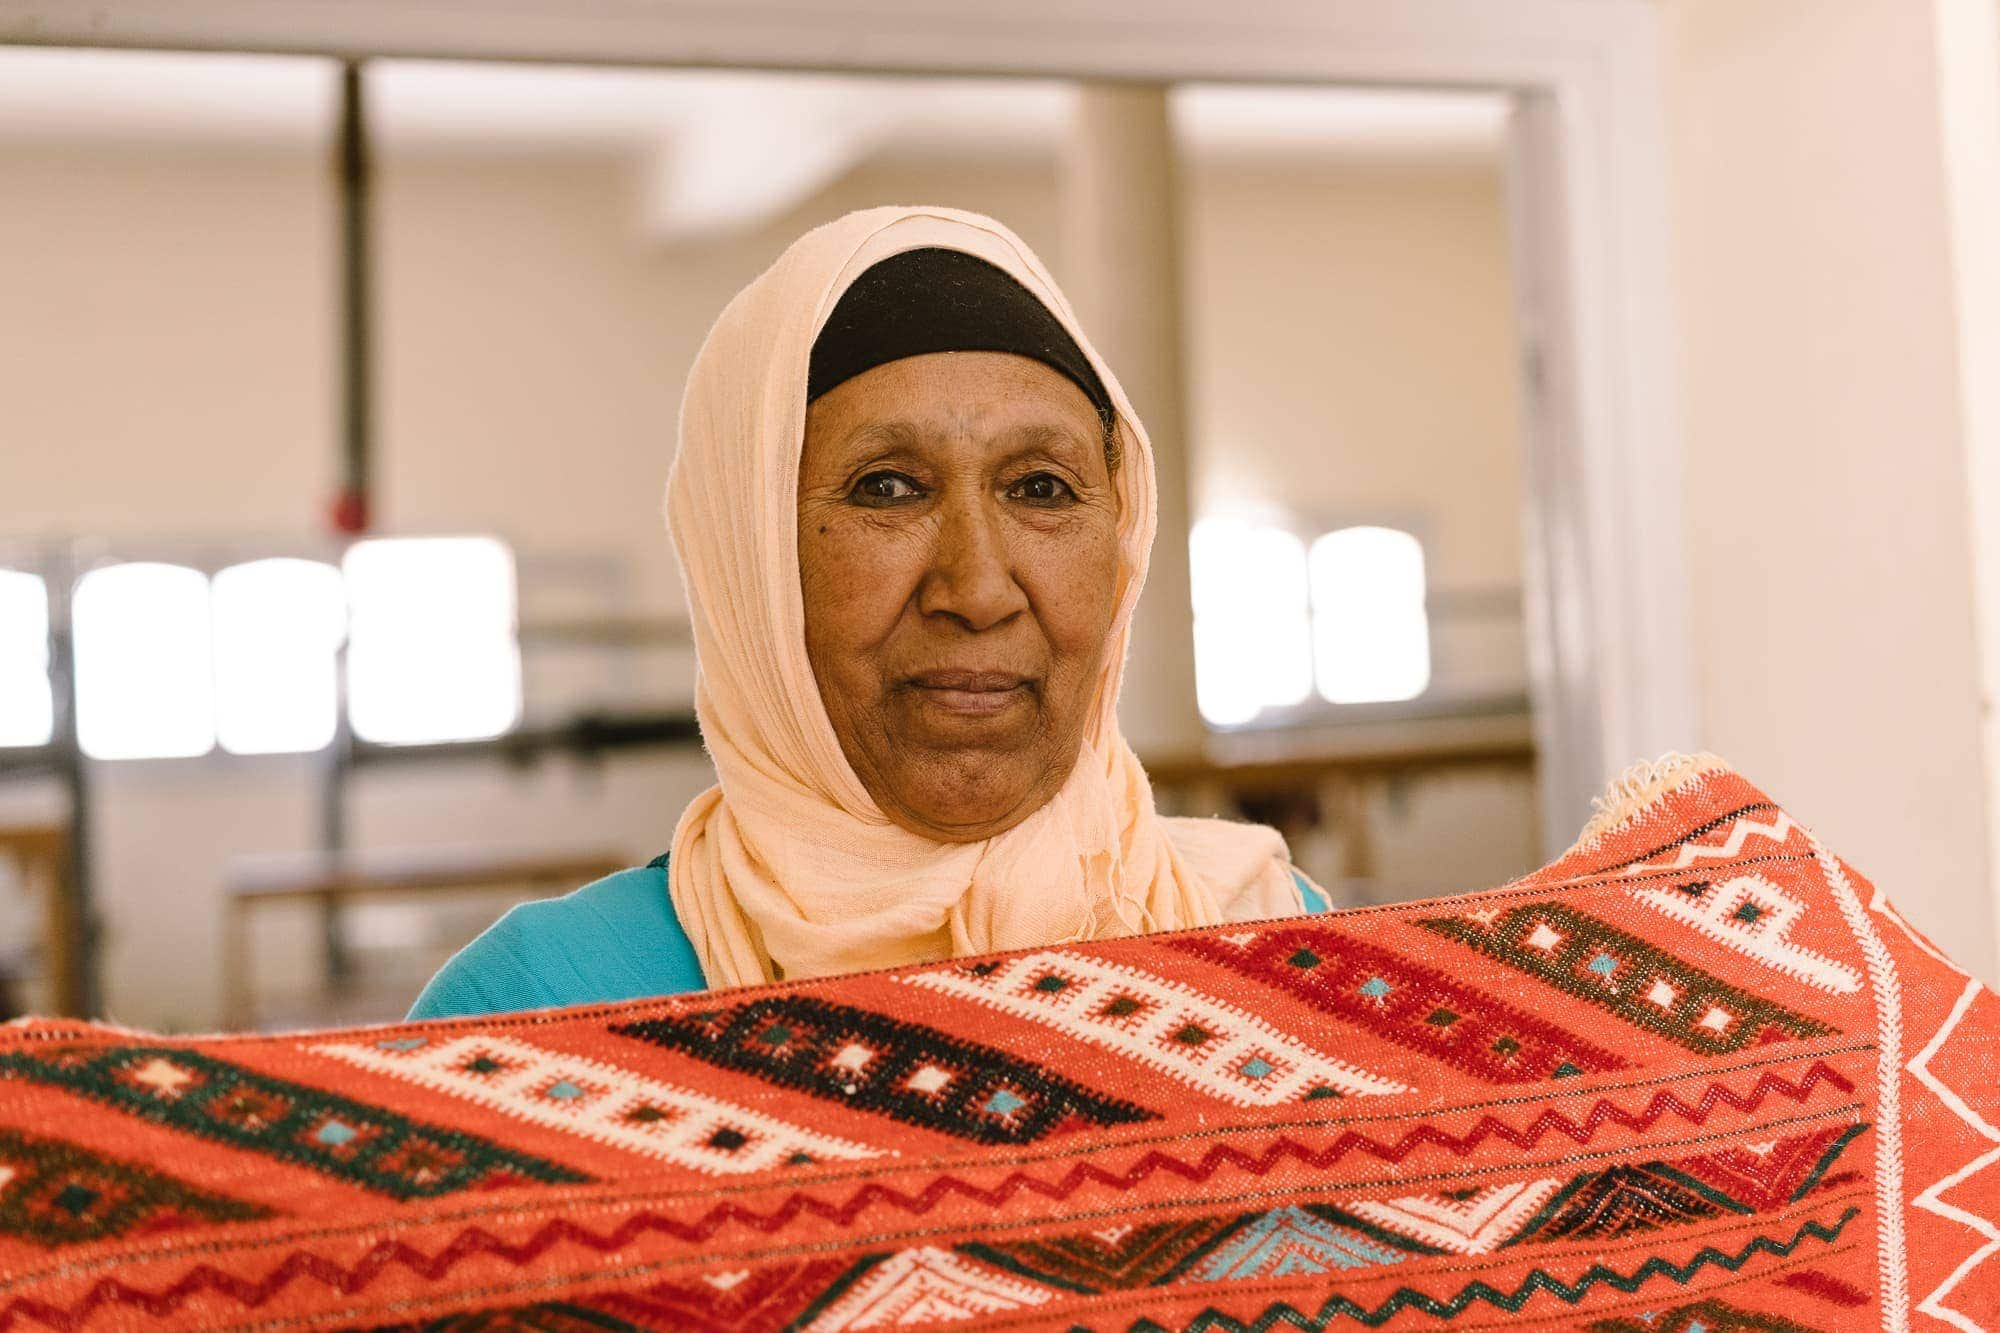 moroccan-rug-artisan